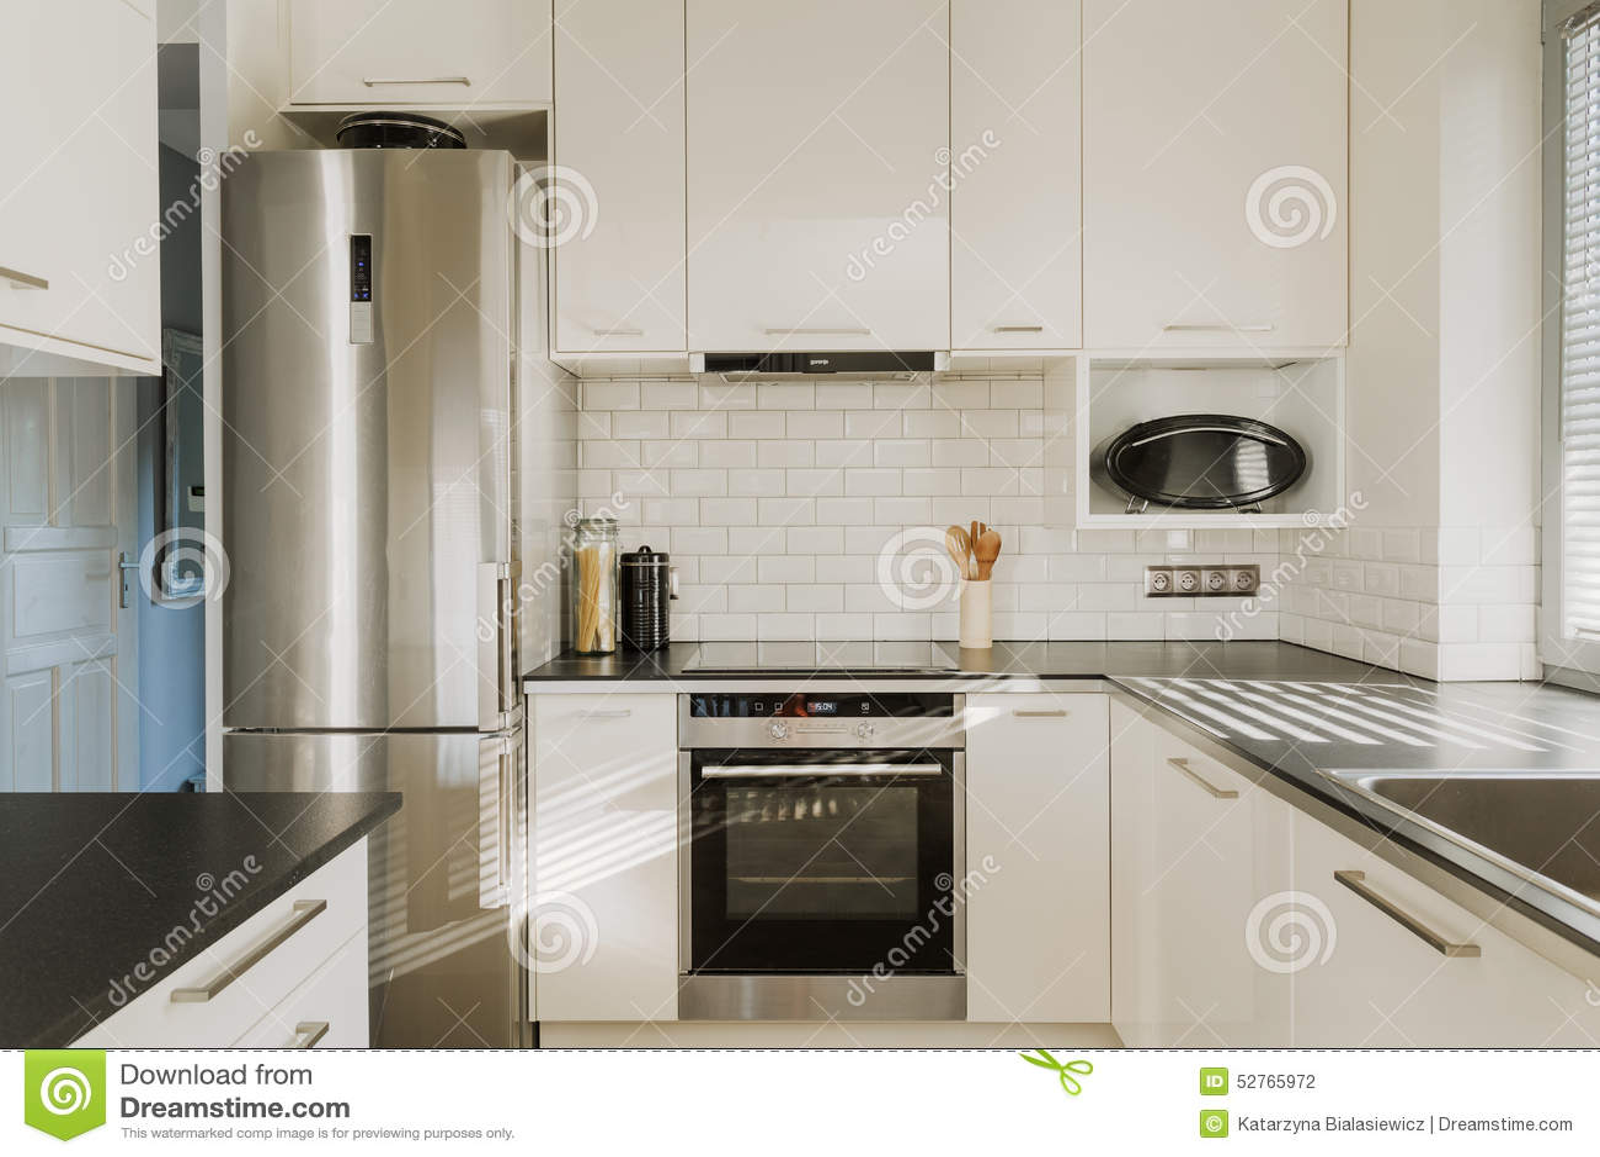 Chrome-koelkast In Witte Keuken Stock Foto - Afbeelding: 52765972